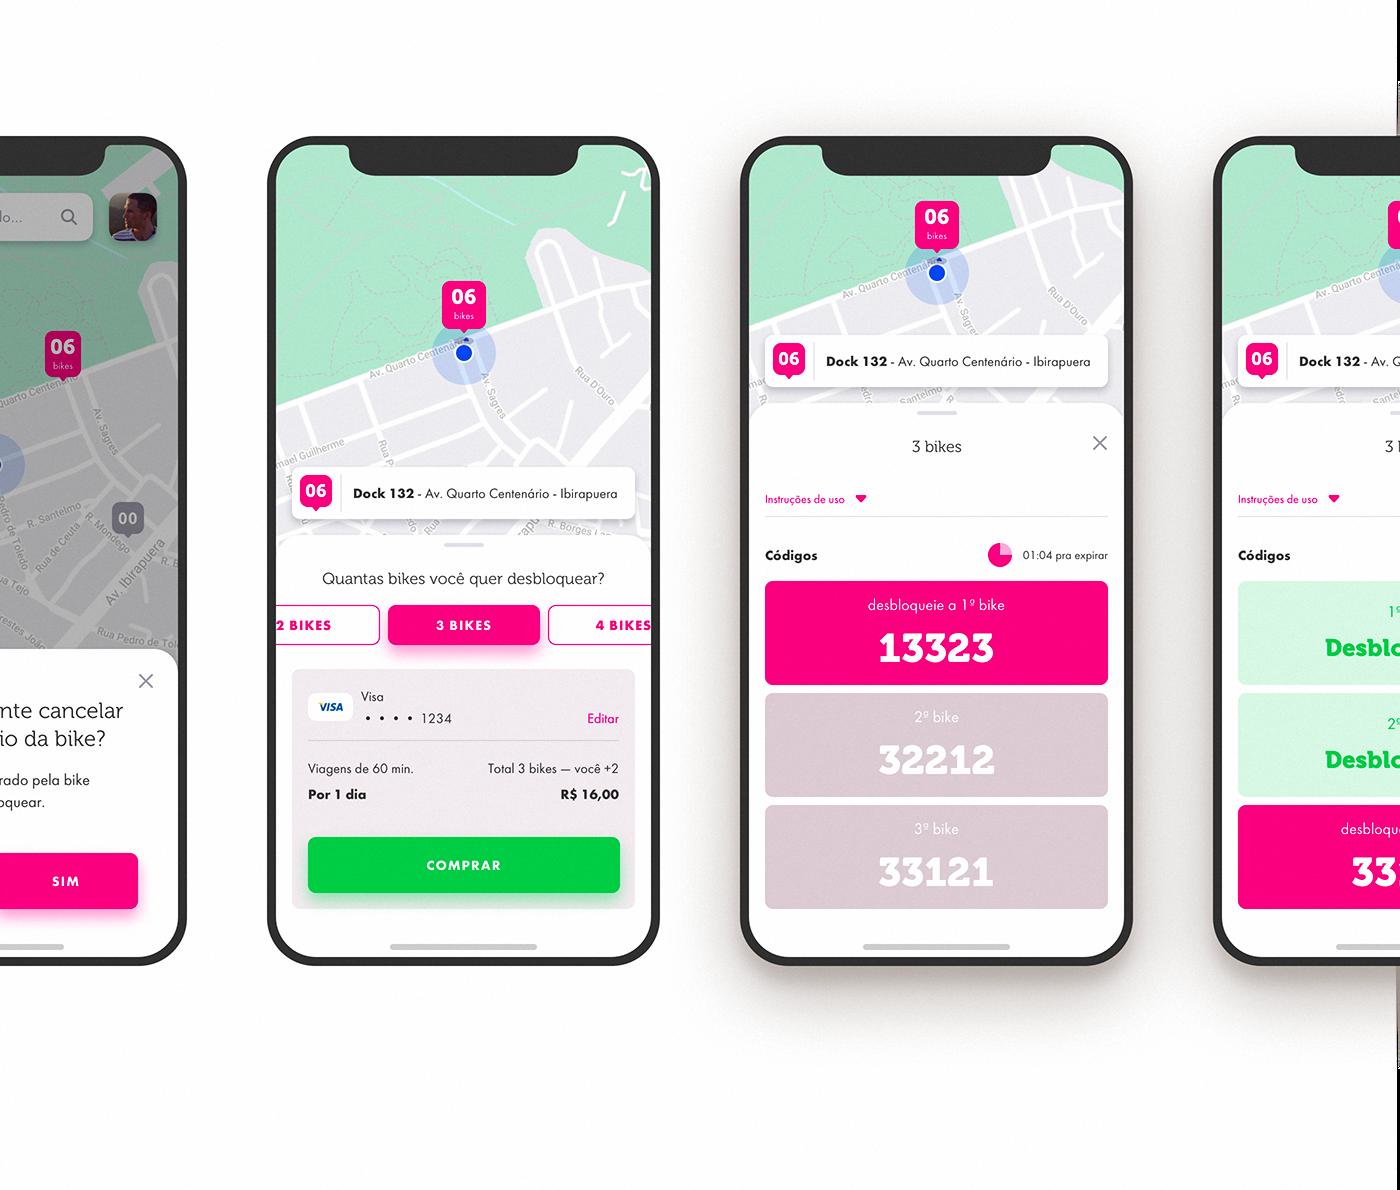 Behance Kuriruemye Galerei App Biking Apps Bike Share